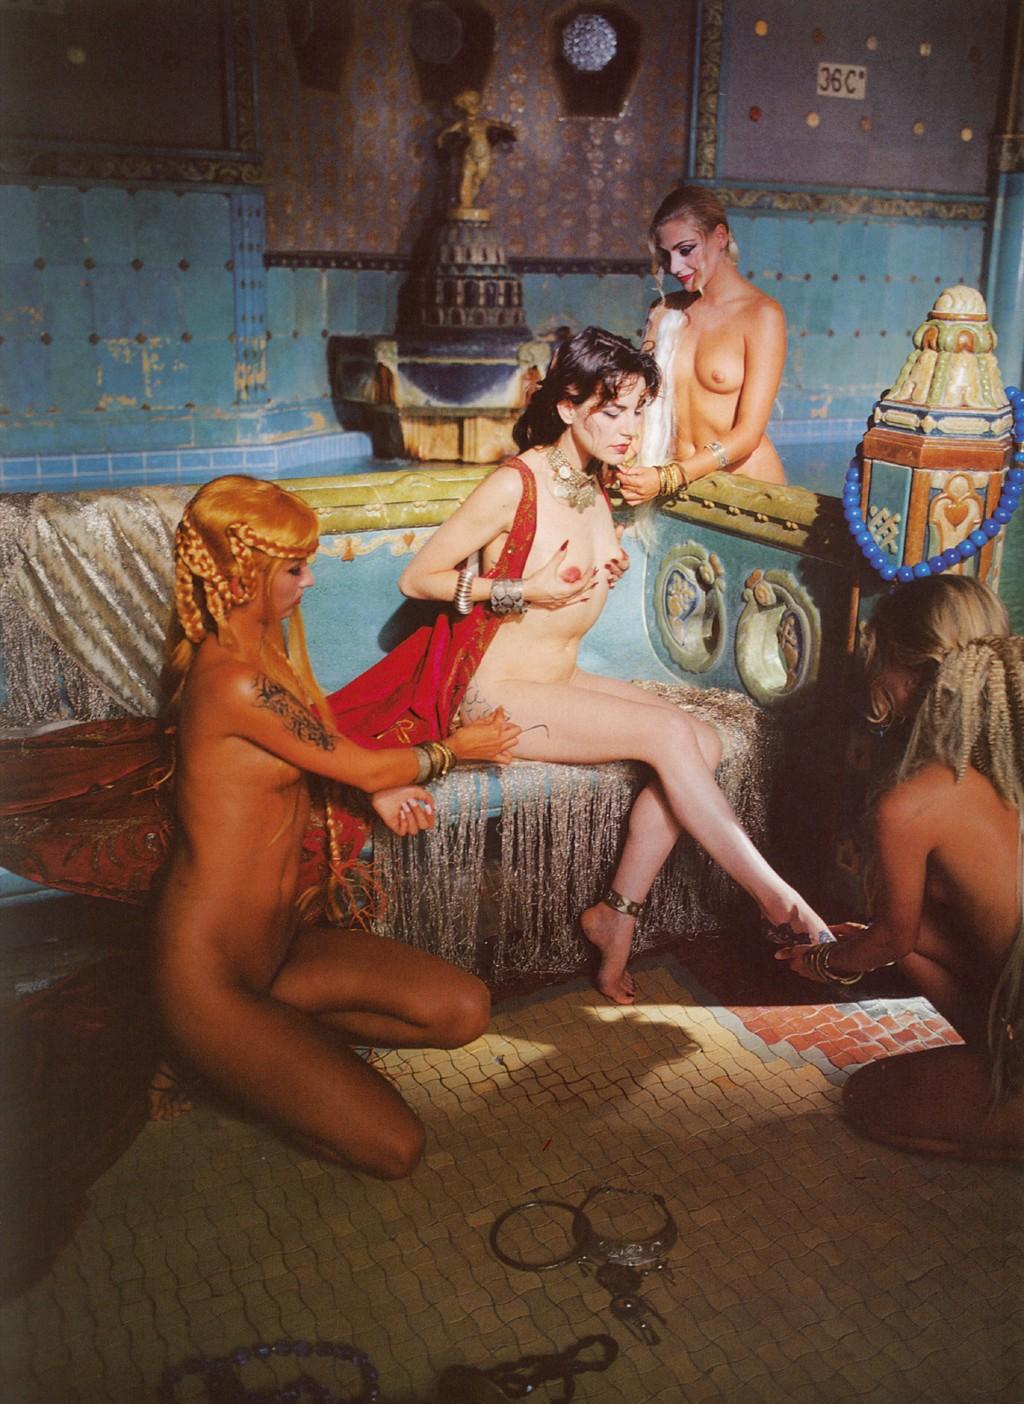 http://1.bp.blogspot.com/_MTV5oljYDug/TH16yvp7OMI/AAAAAAAABTA/3nkW8kV_6YM/s1600/Lio+Playboy12.jpg